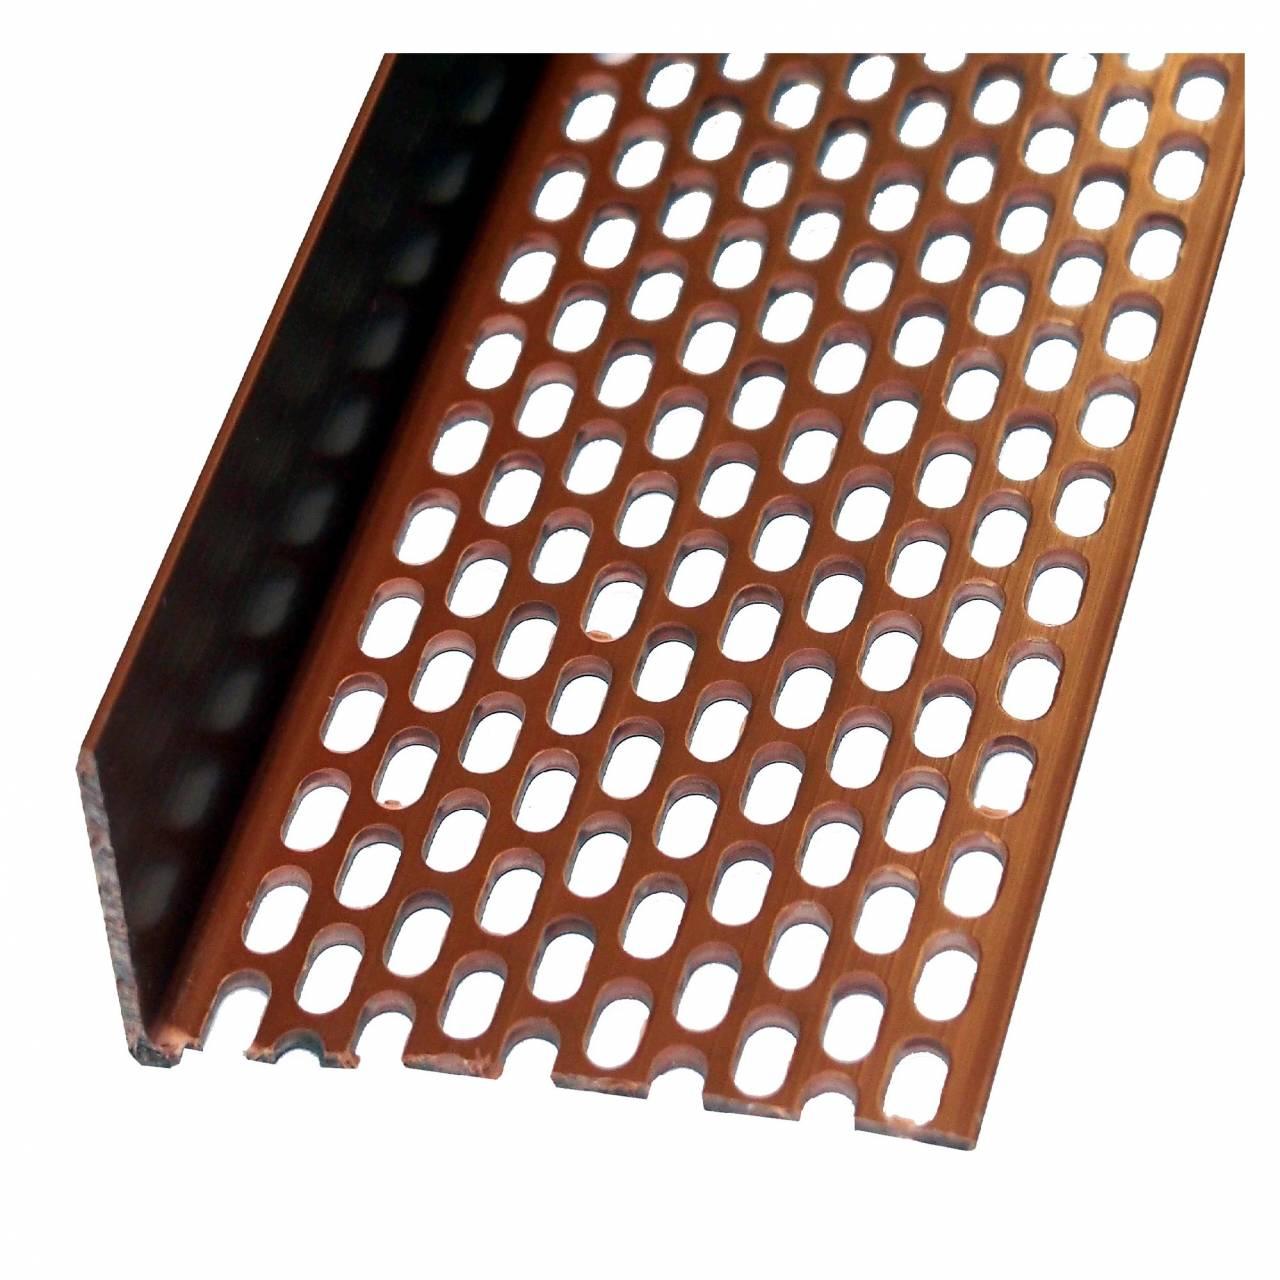 Lüftungsprofil 30 x 60 ziegelrot / Bd a 10 x 2,5 m Stäbe